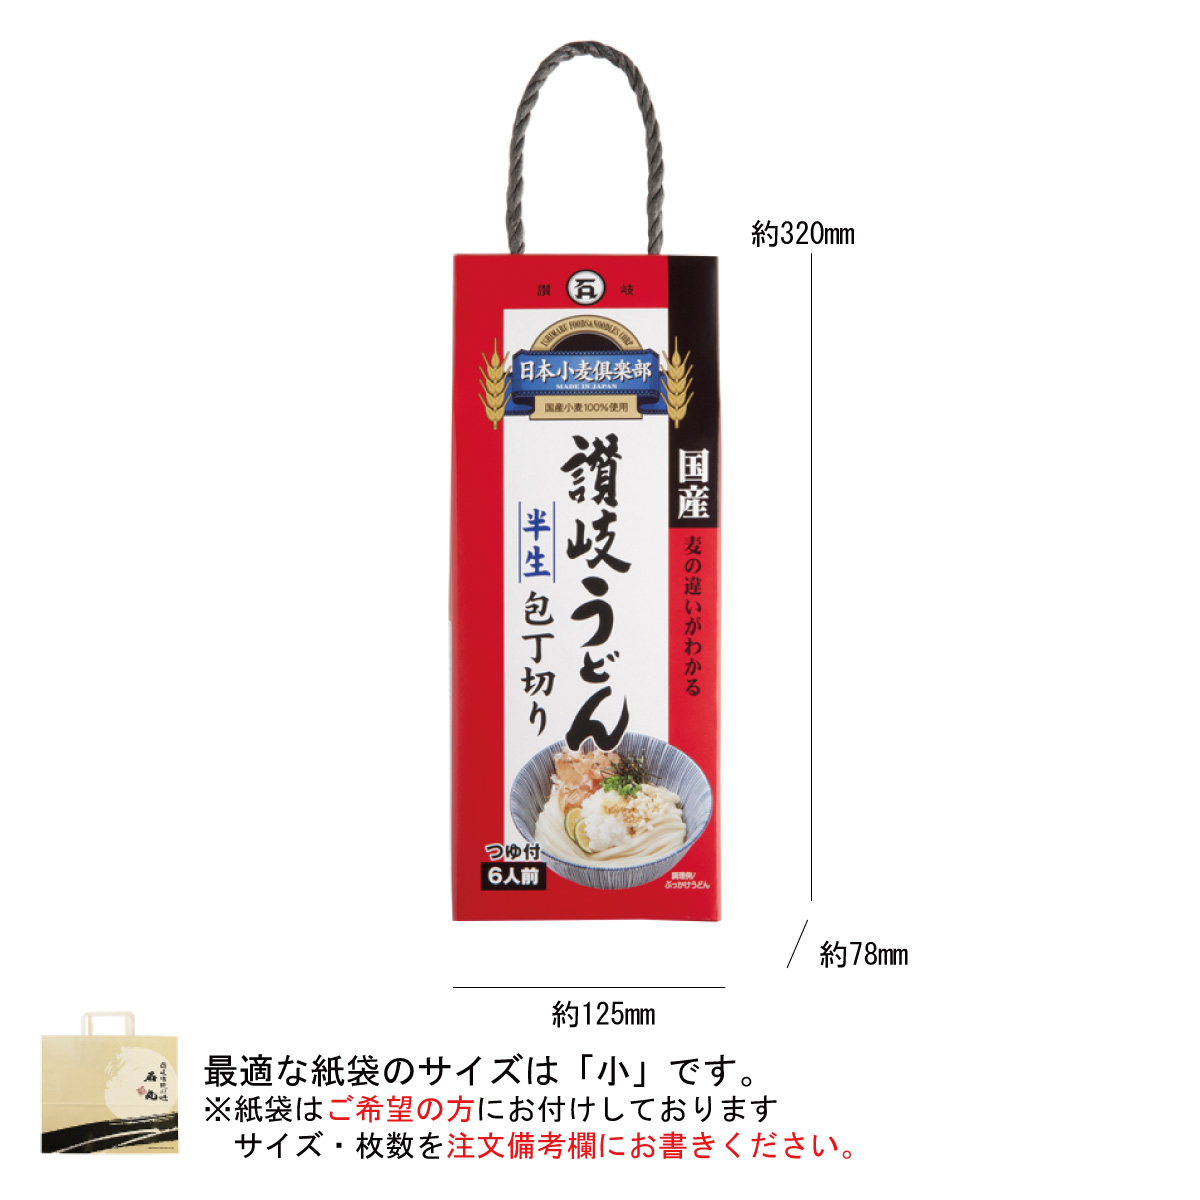 日本小麦倶楽部 半生讃岐うどん包丁切り C-1